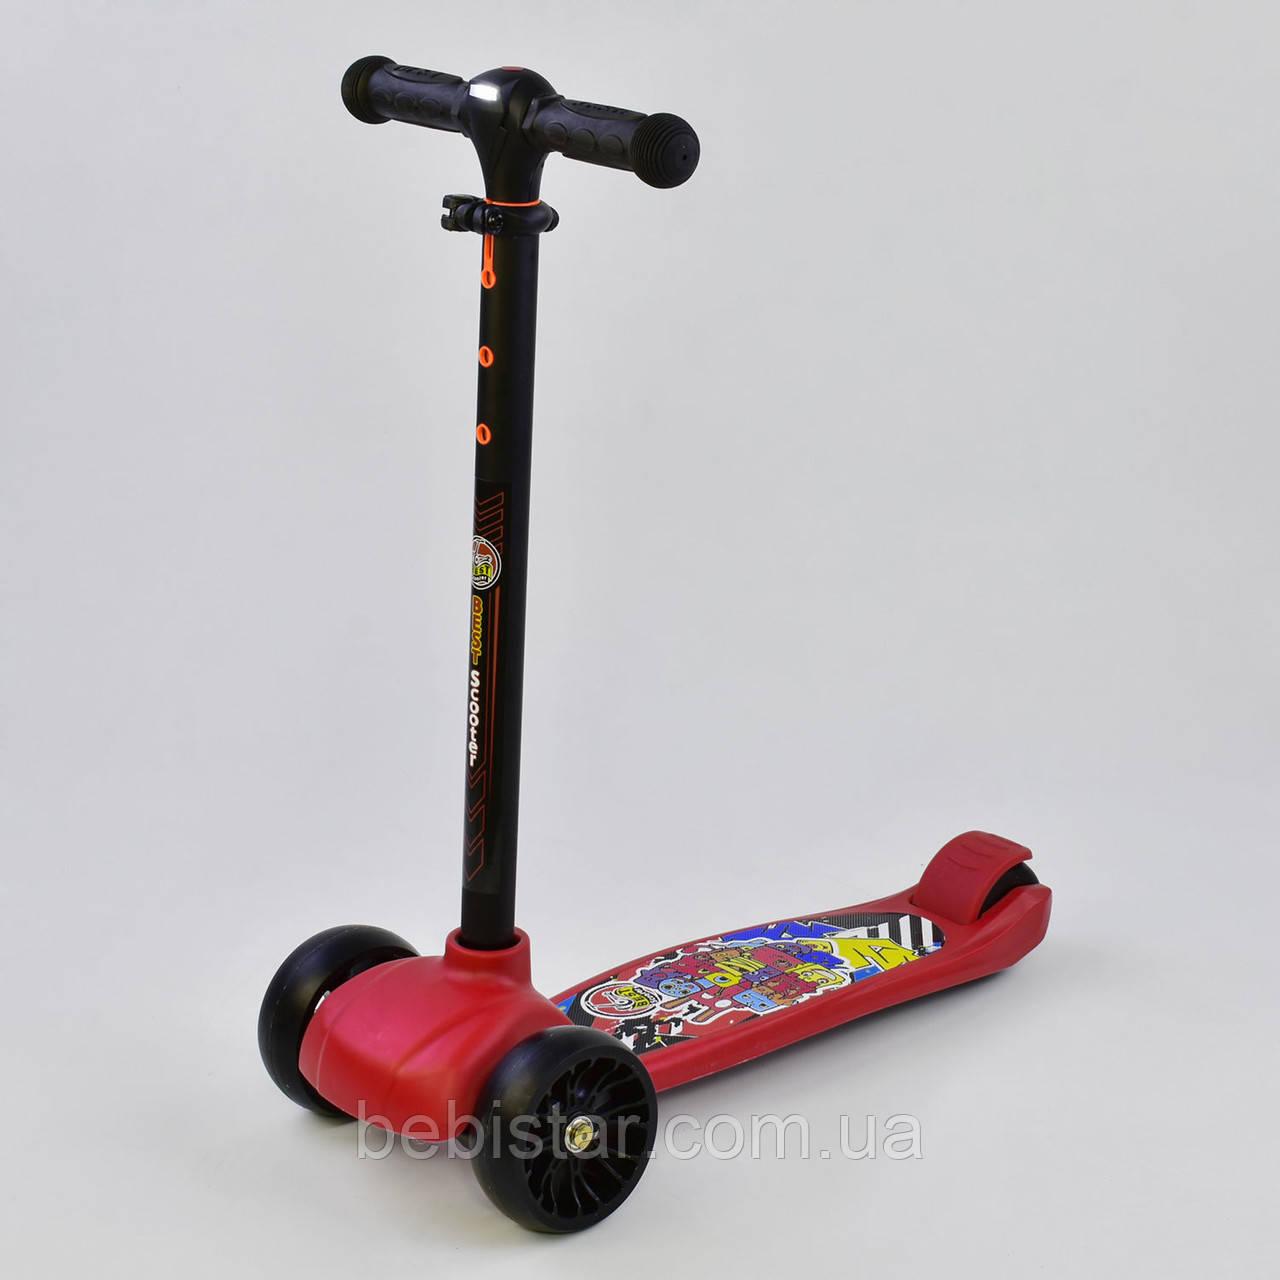 Самокат детский трехколесный Best Scooter, MAXI с фарой светящимися колесами красный деткам от 3 лет